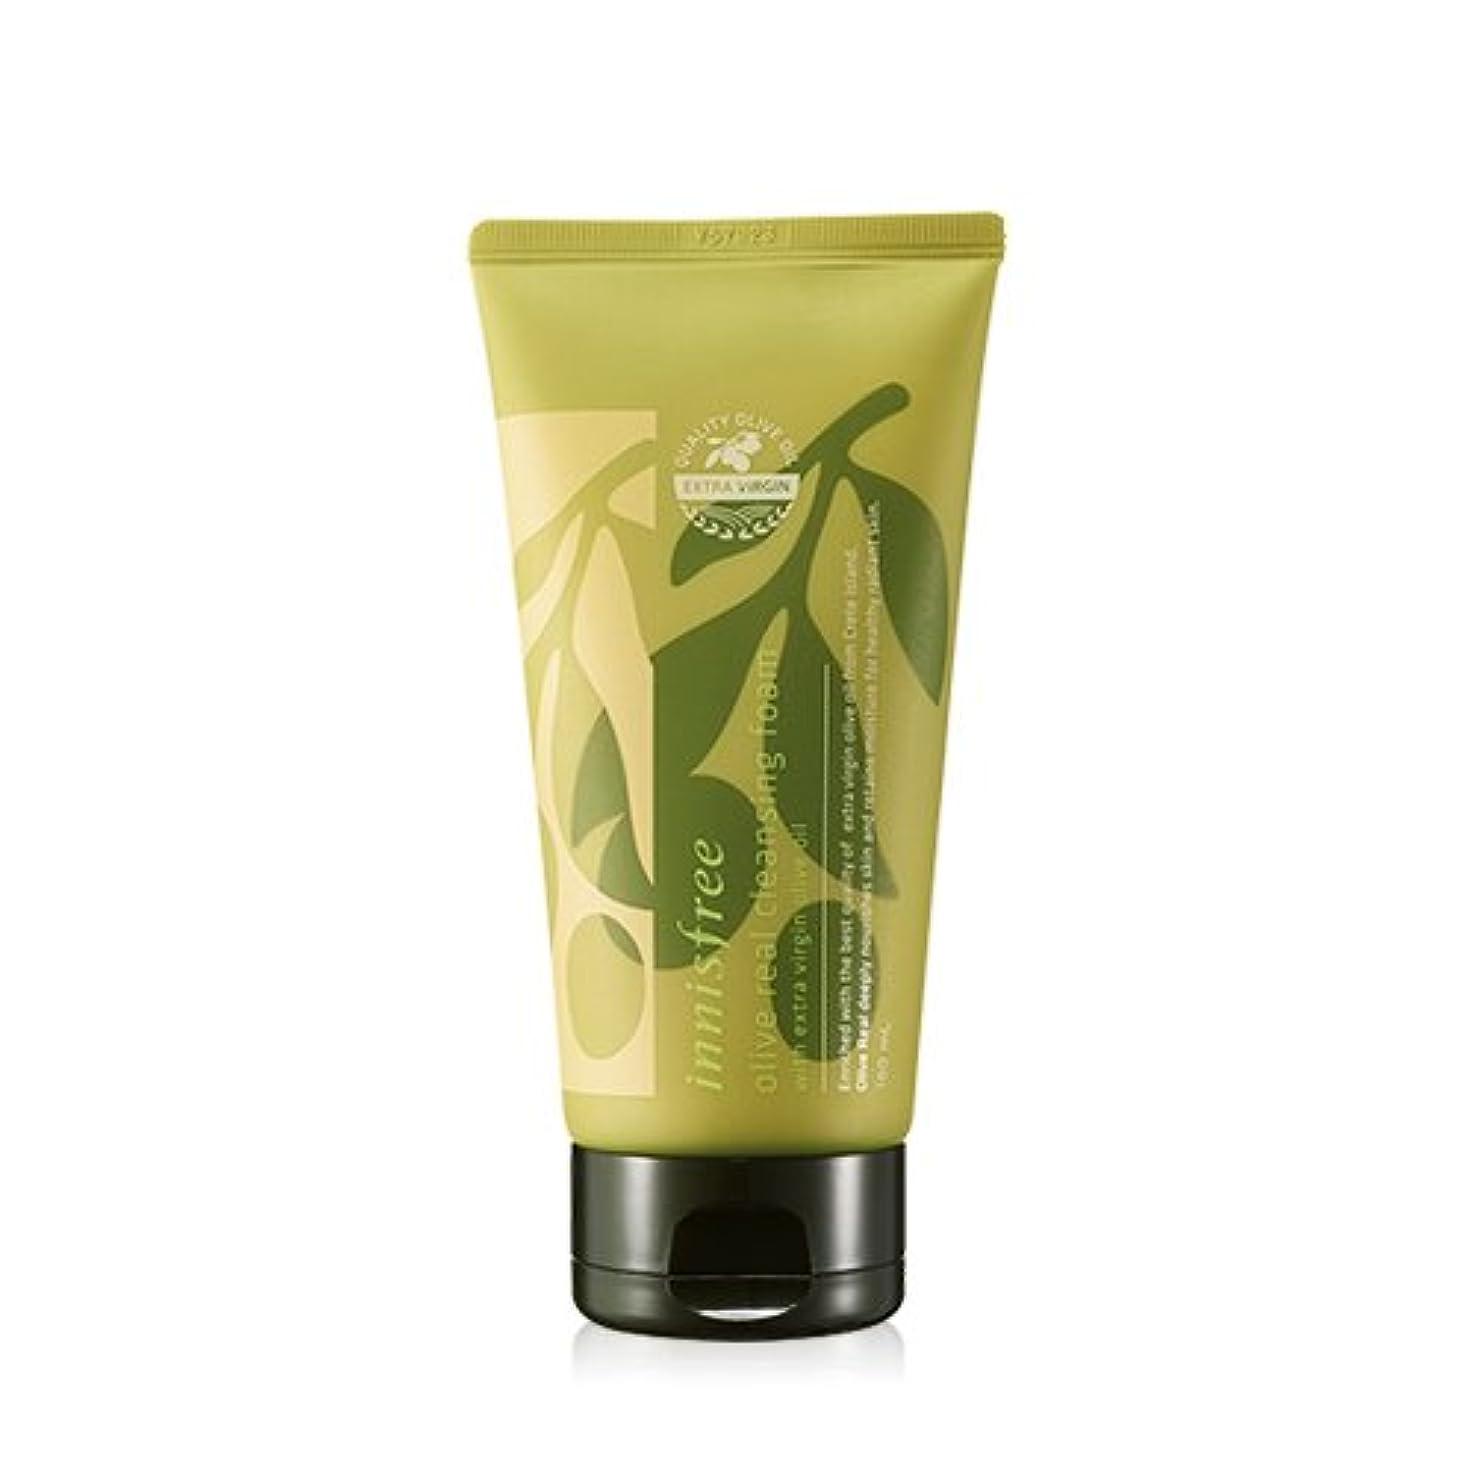 週末巡礼者チェリー(3 Pack) INNISFREE Olive Real Cleansing Foam 150ml (並行輸入品)